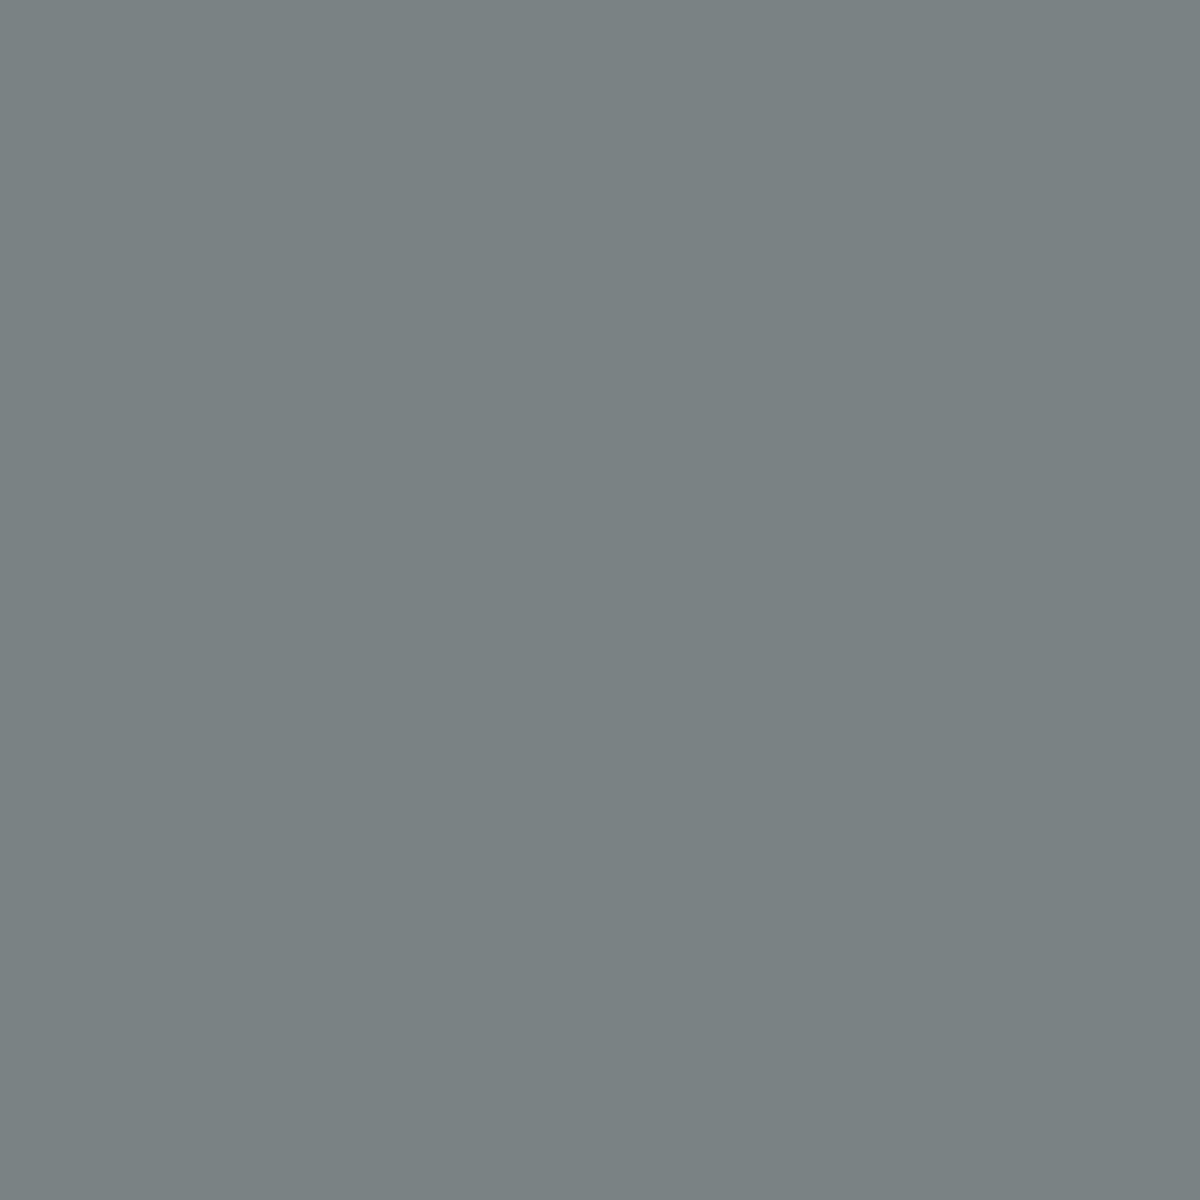 Serviette gris non tissé 40x39 cm Basik Soft Guest Of (50 pièces)